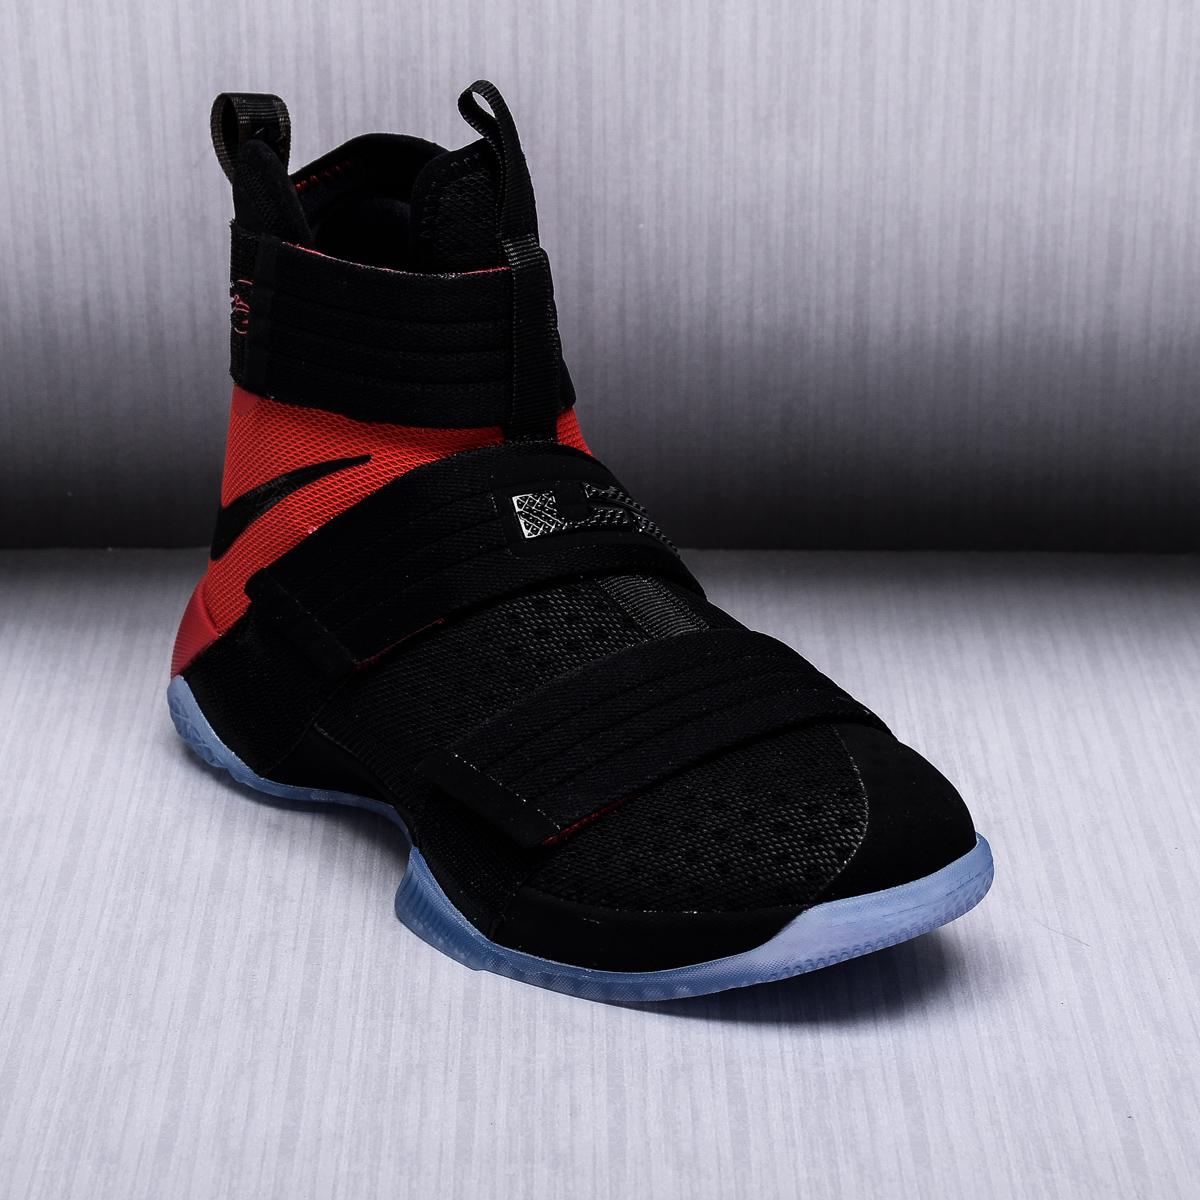 Lebron 10 basketball shoes